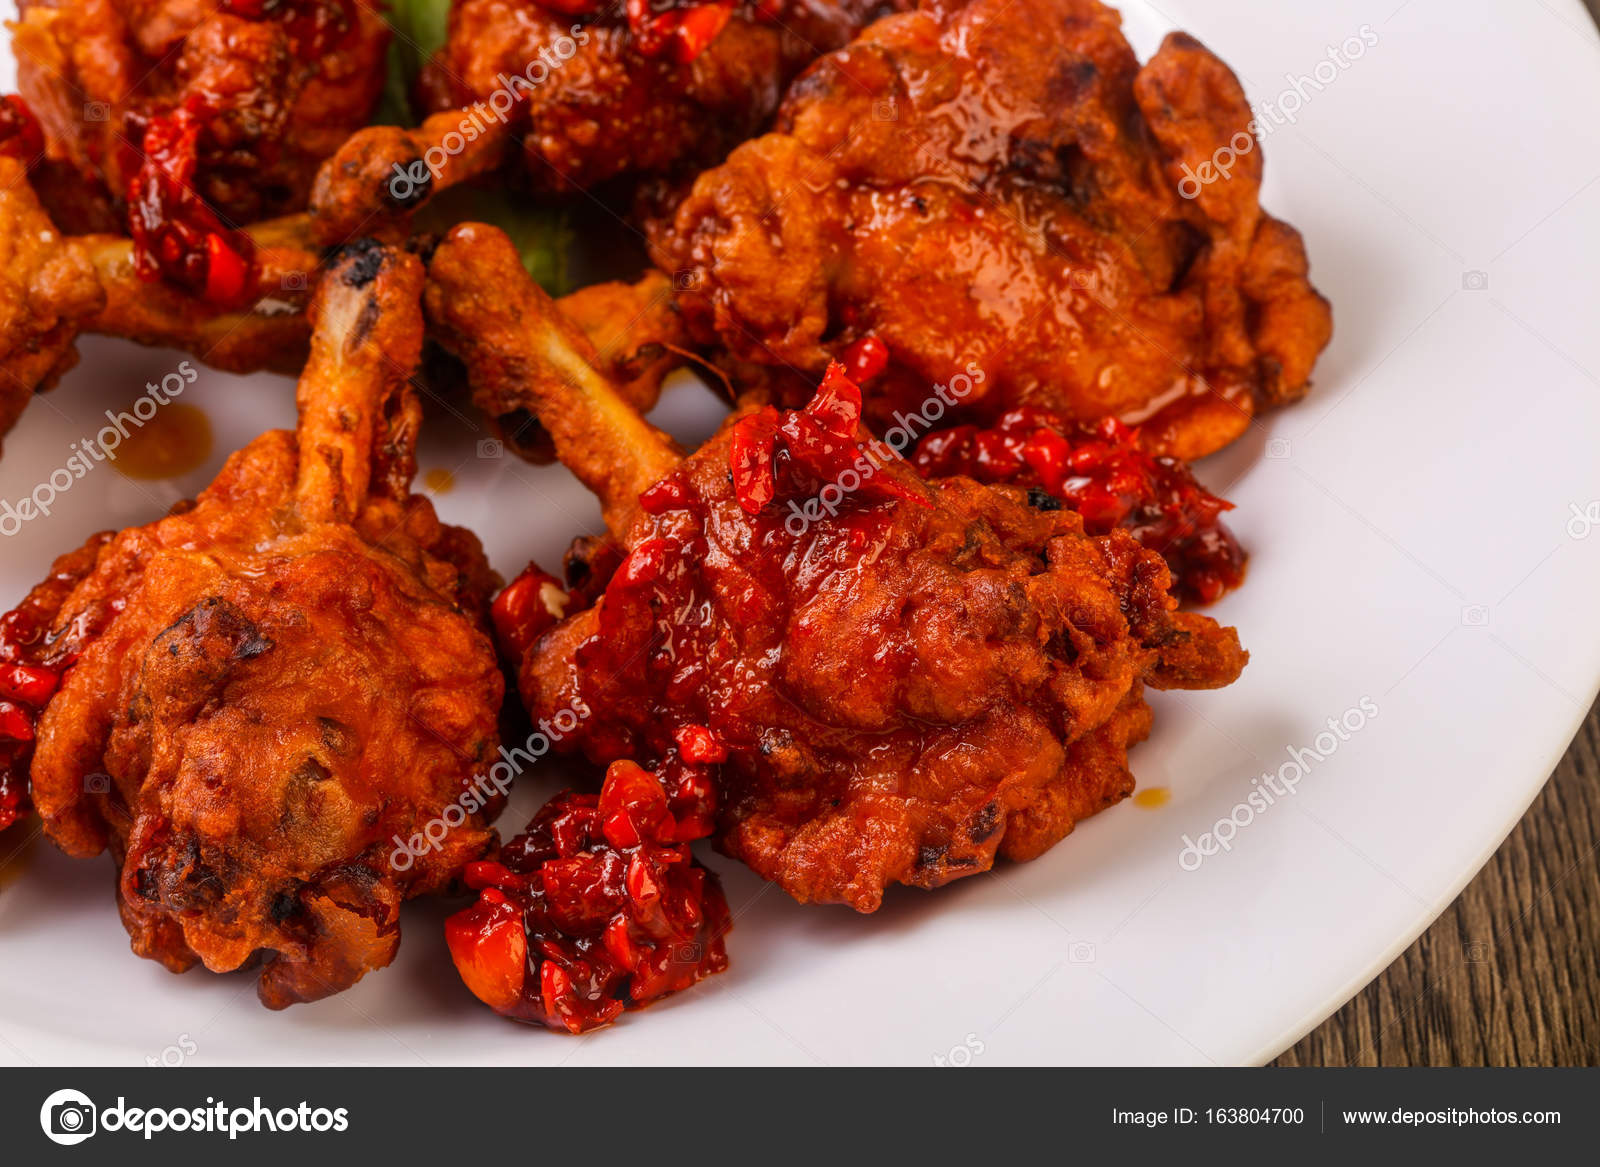 Traditionelle indische Küche — Stockfoto © AndreySt #163804700